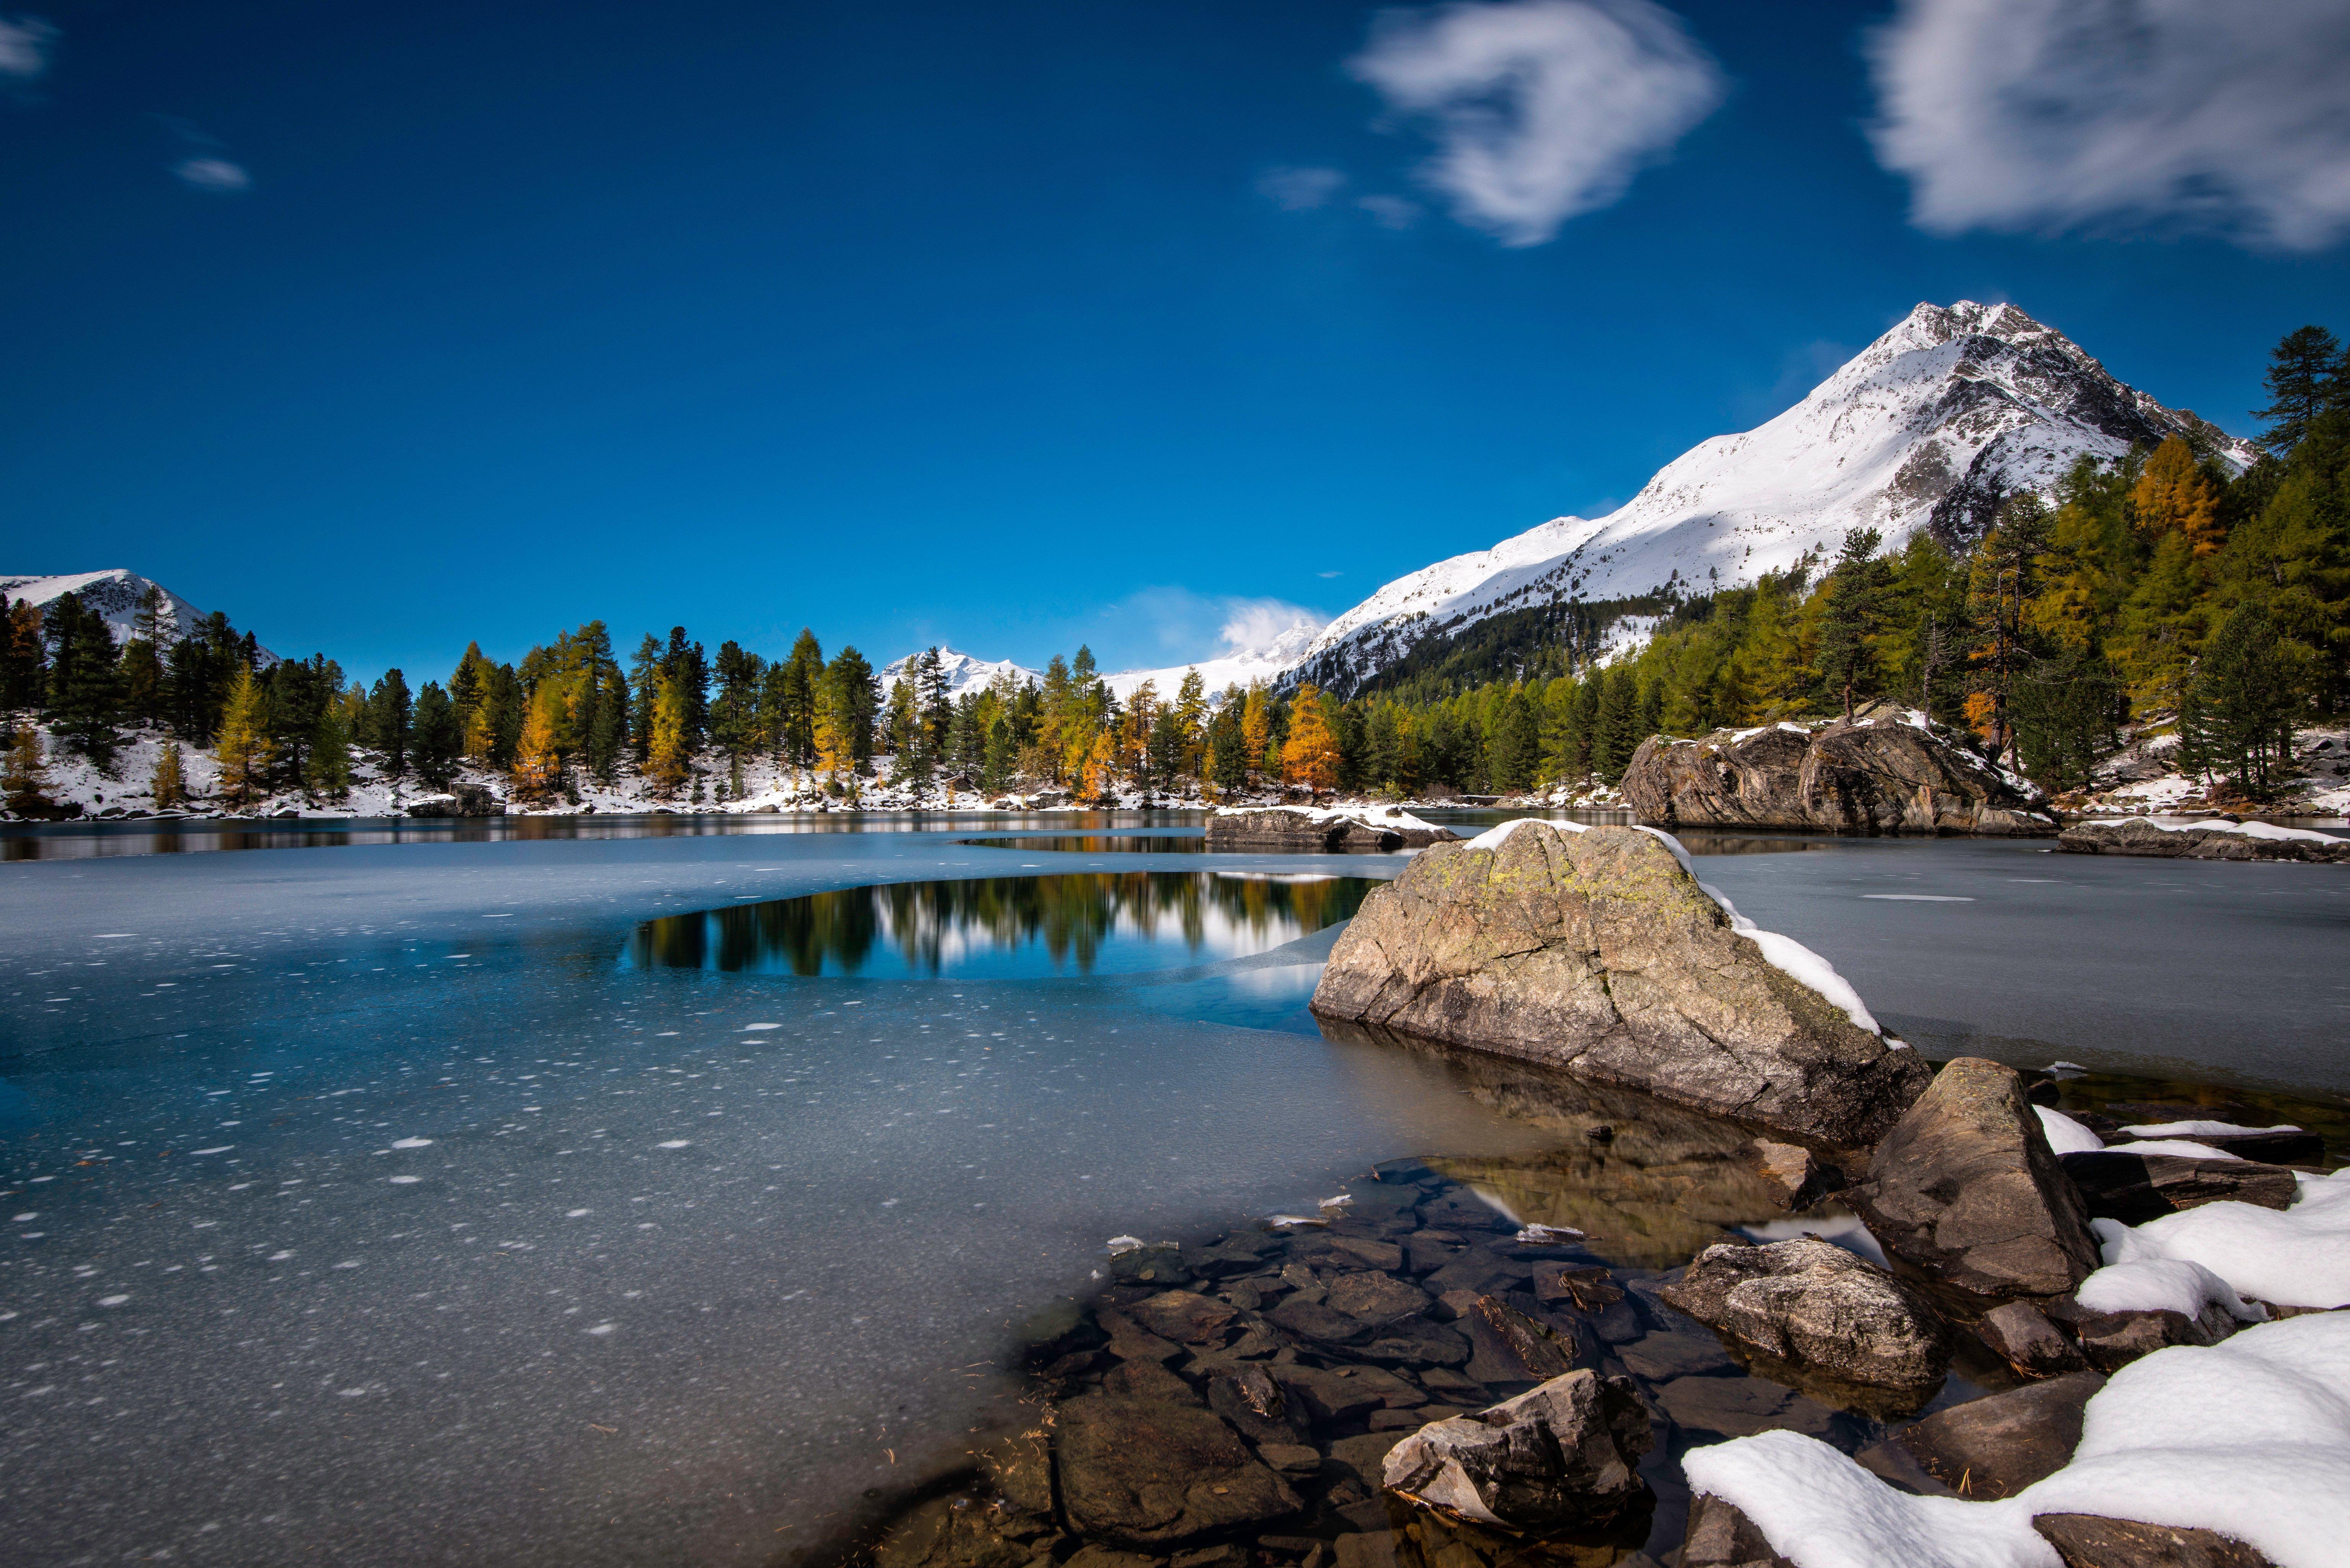 Fondos de pantalla Lago Lagh Da Saoseo en Suiza